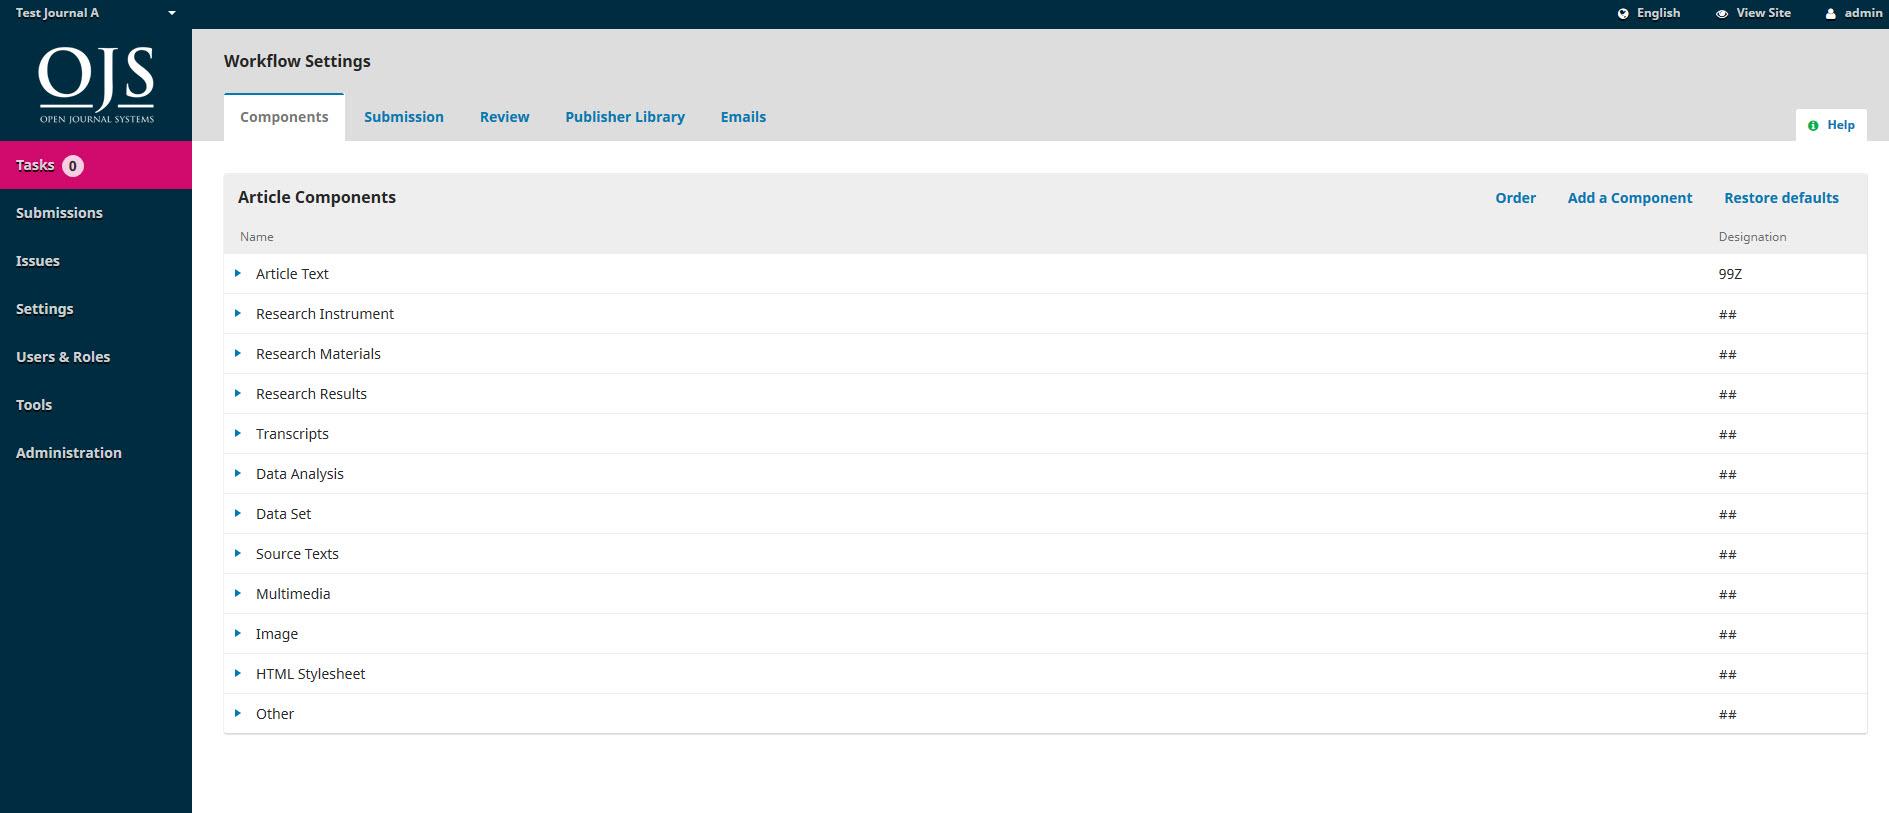 ojs3-workflow-settings